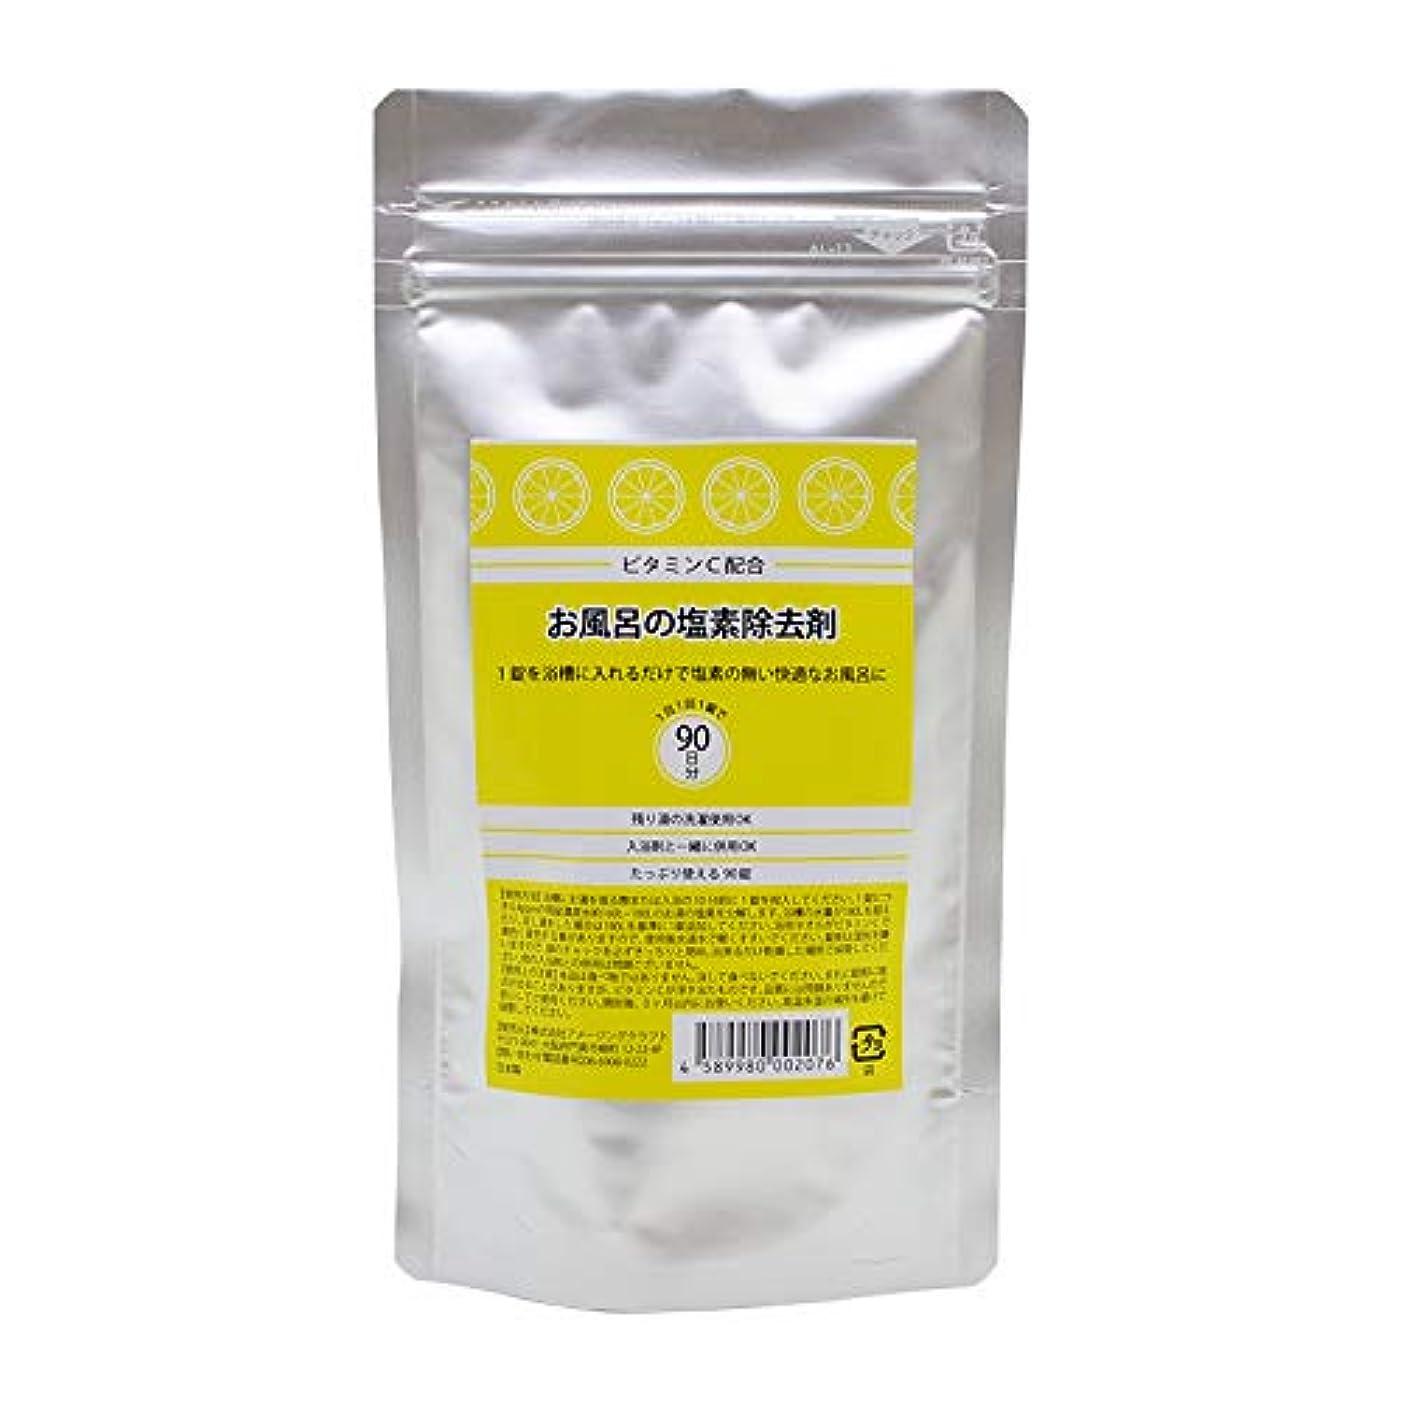 登場シニス入植者ビタミンC配合 お風呂の塩素除去剤 錠剤タイプ 90錠 浴槽用脱塩素剤